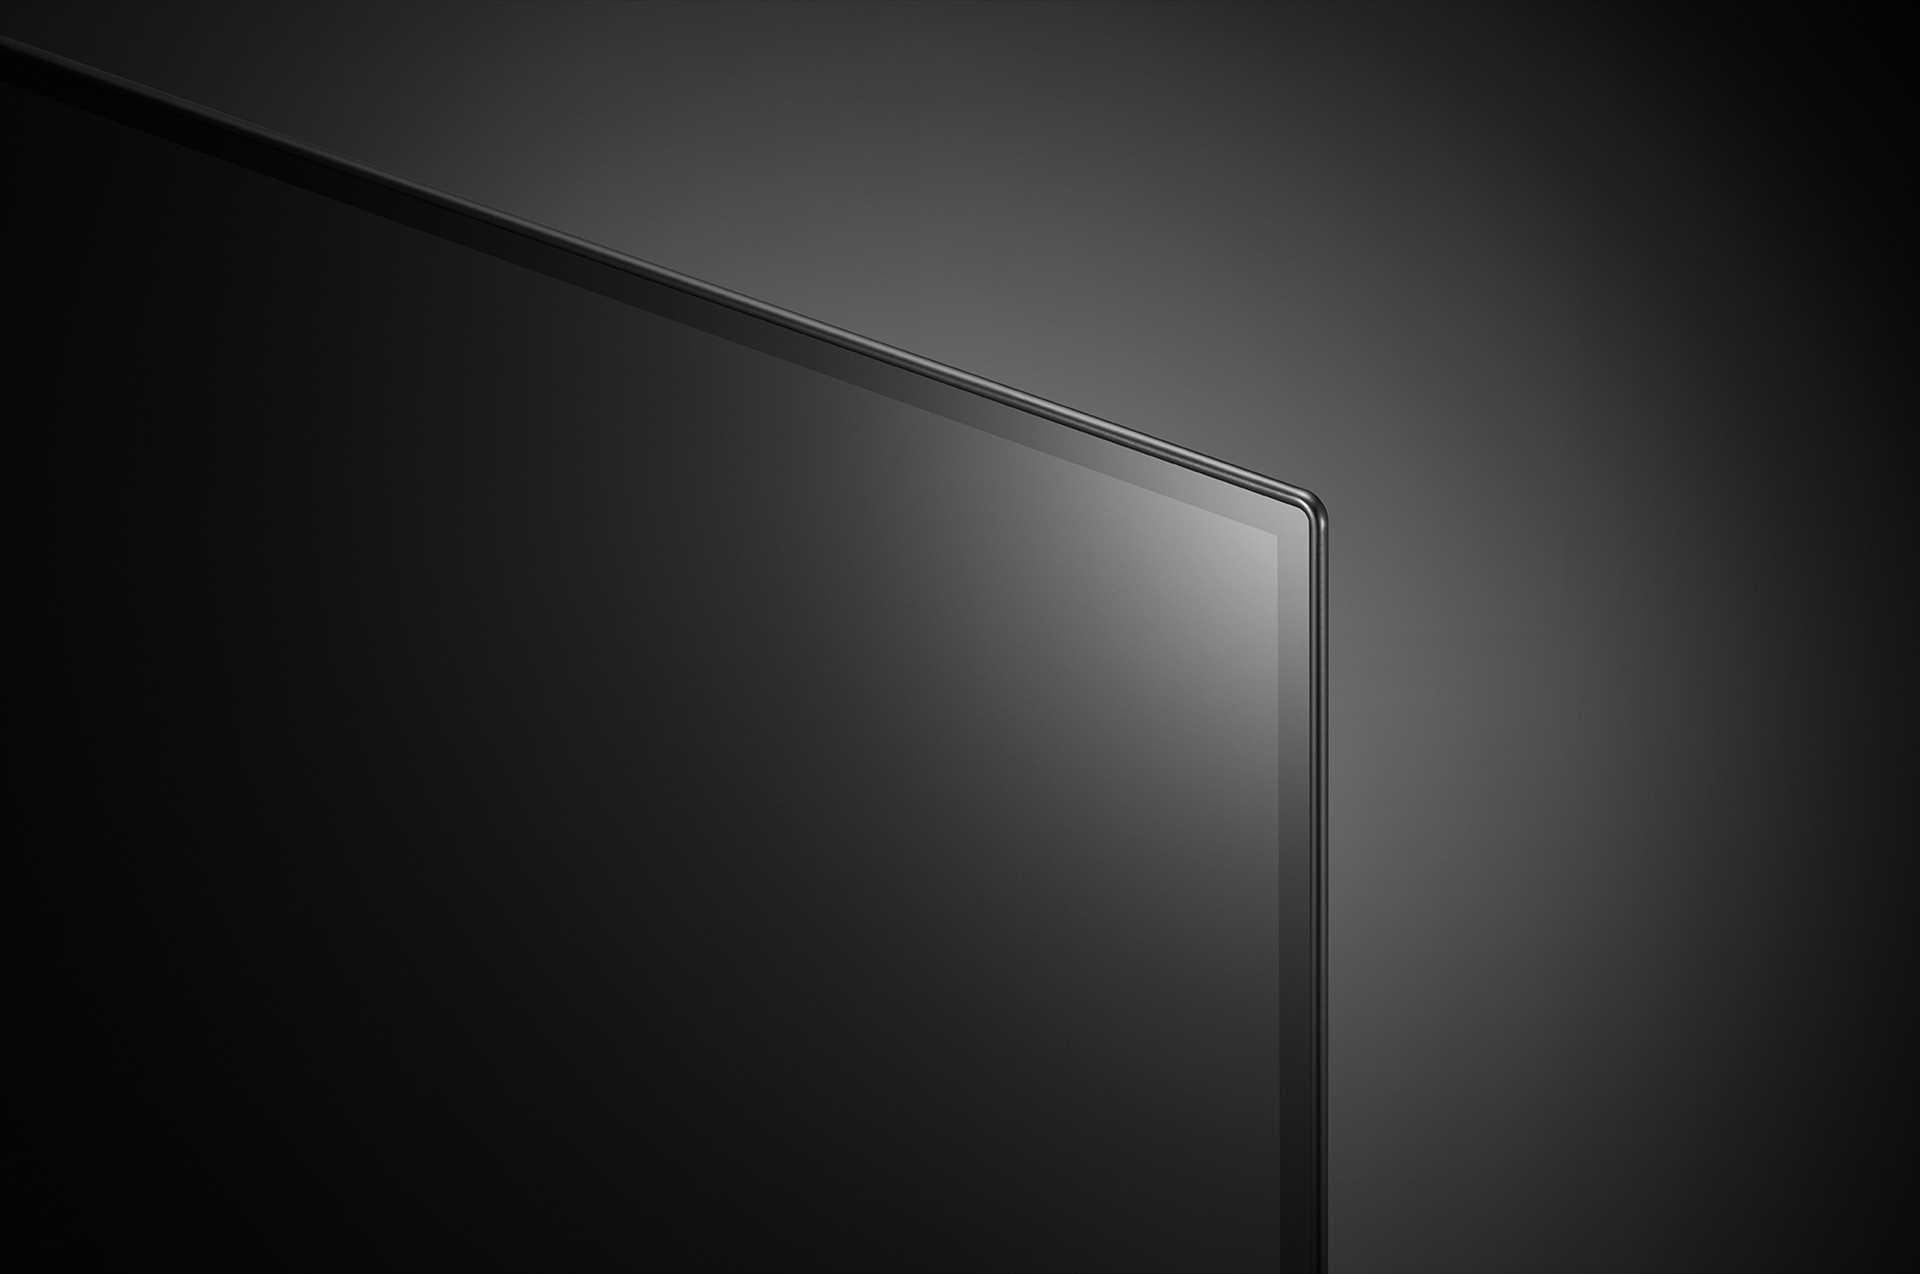 טלוויזיה 65 אינץ' דגם OLED 65A16LA/PVA  בטכנולוגיית LG OLED 4K Ultra HD אל ג'י - תמונה 10